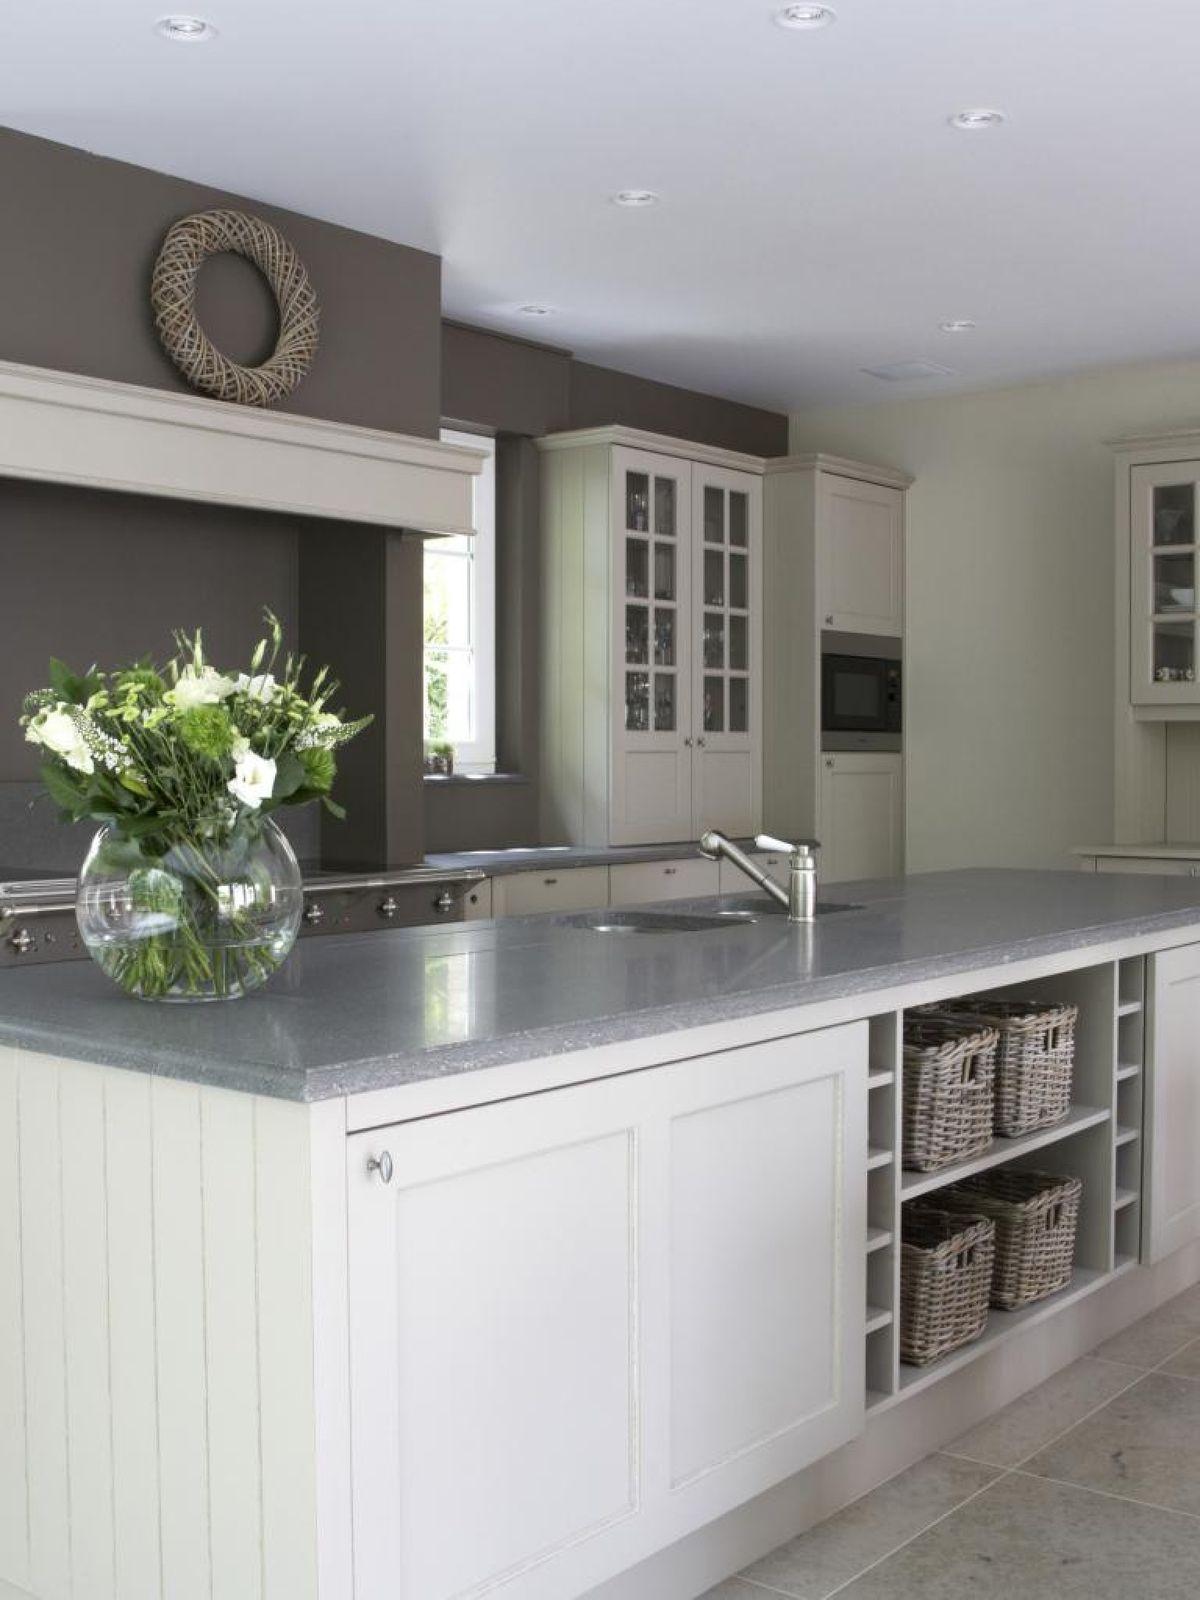 Trkise muren lounge - Keuken kookeiland ontwerp ...